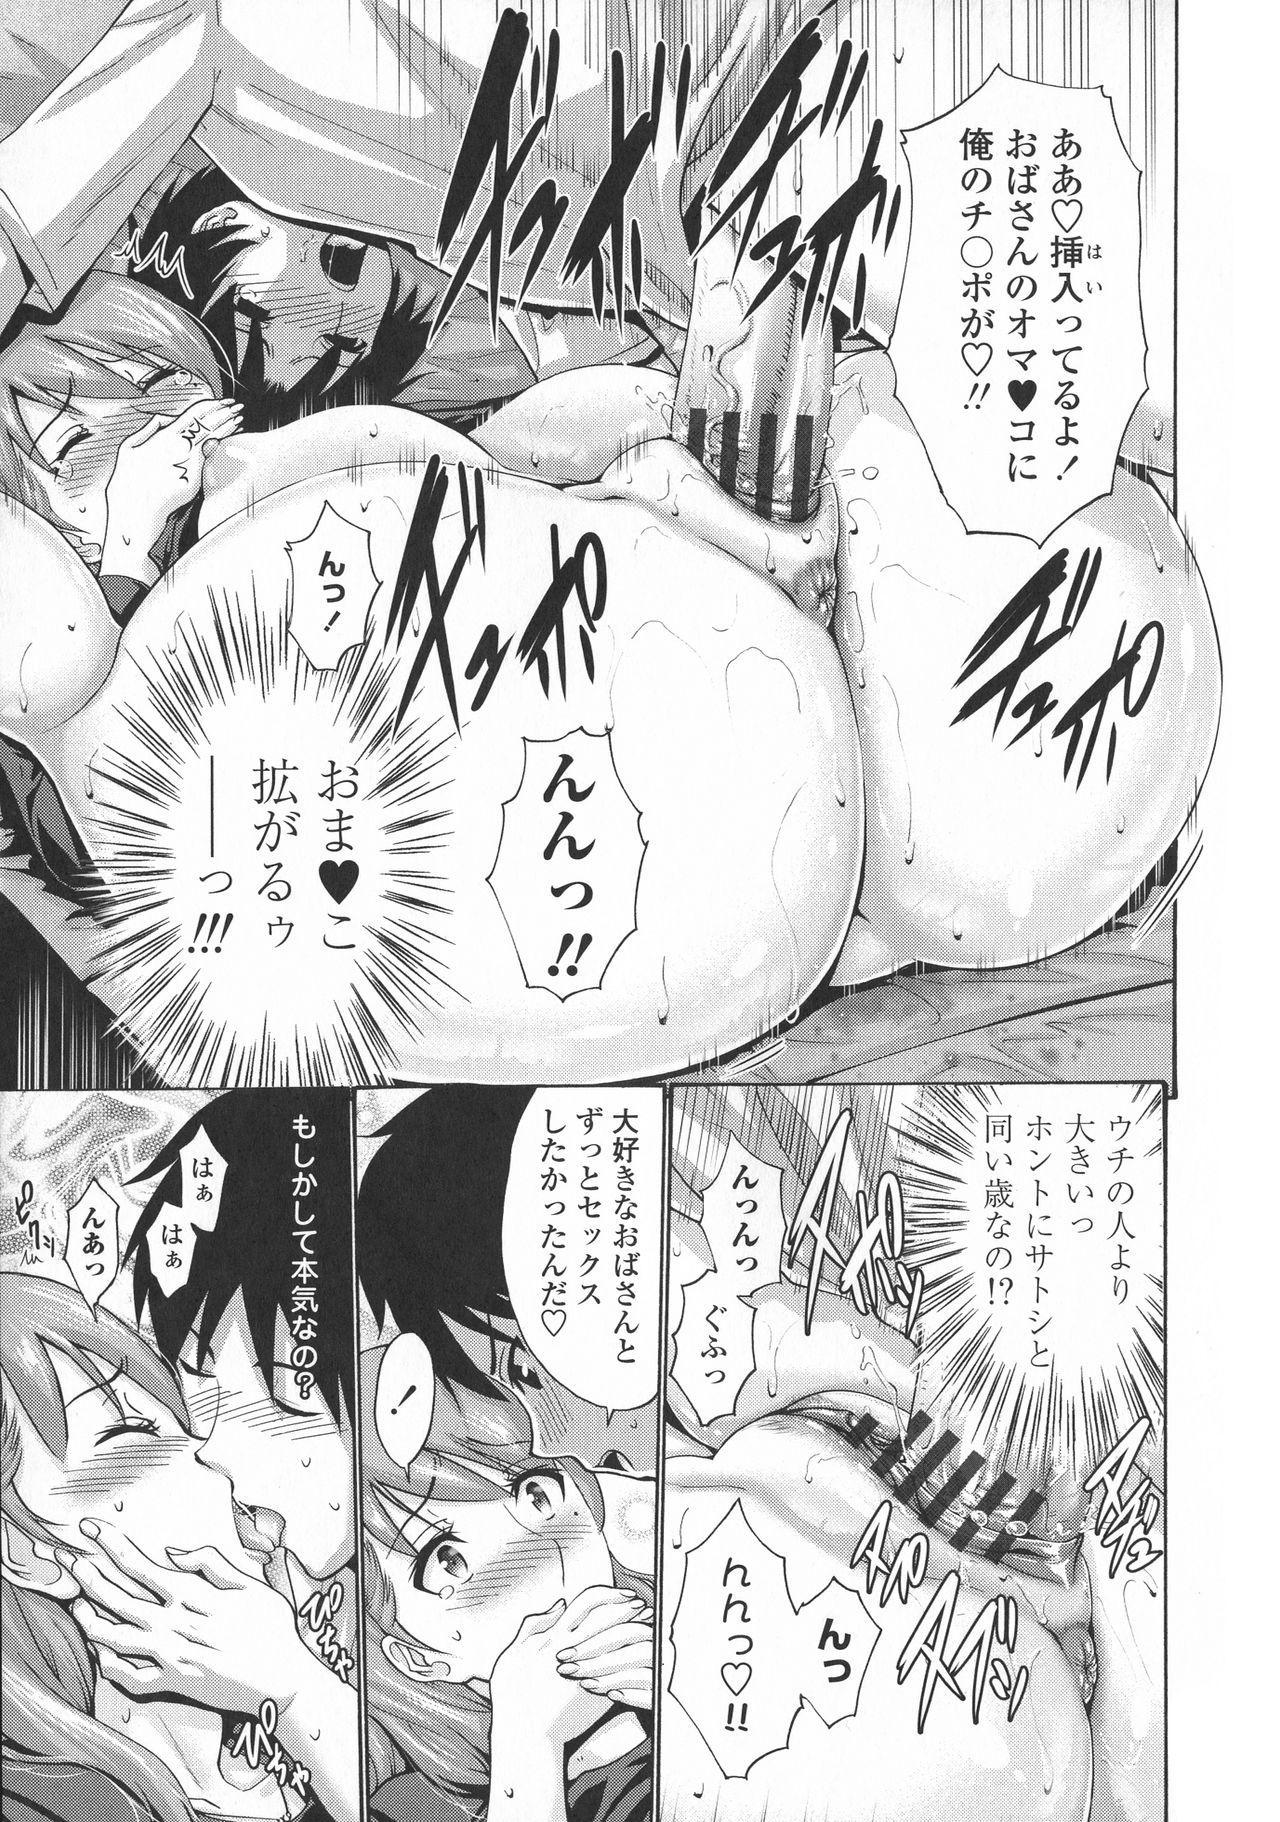 Tomodachi no Haha wa Boku no Mono - His Mother is My Love Hole 18